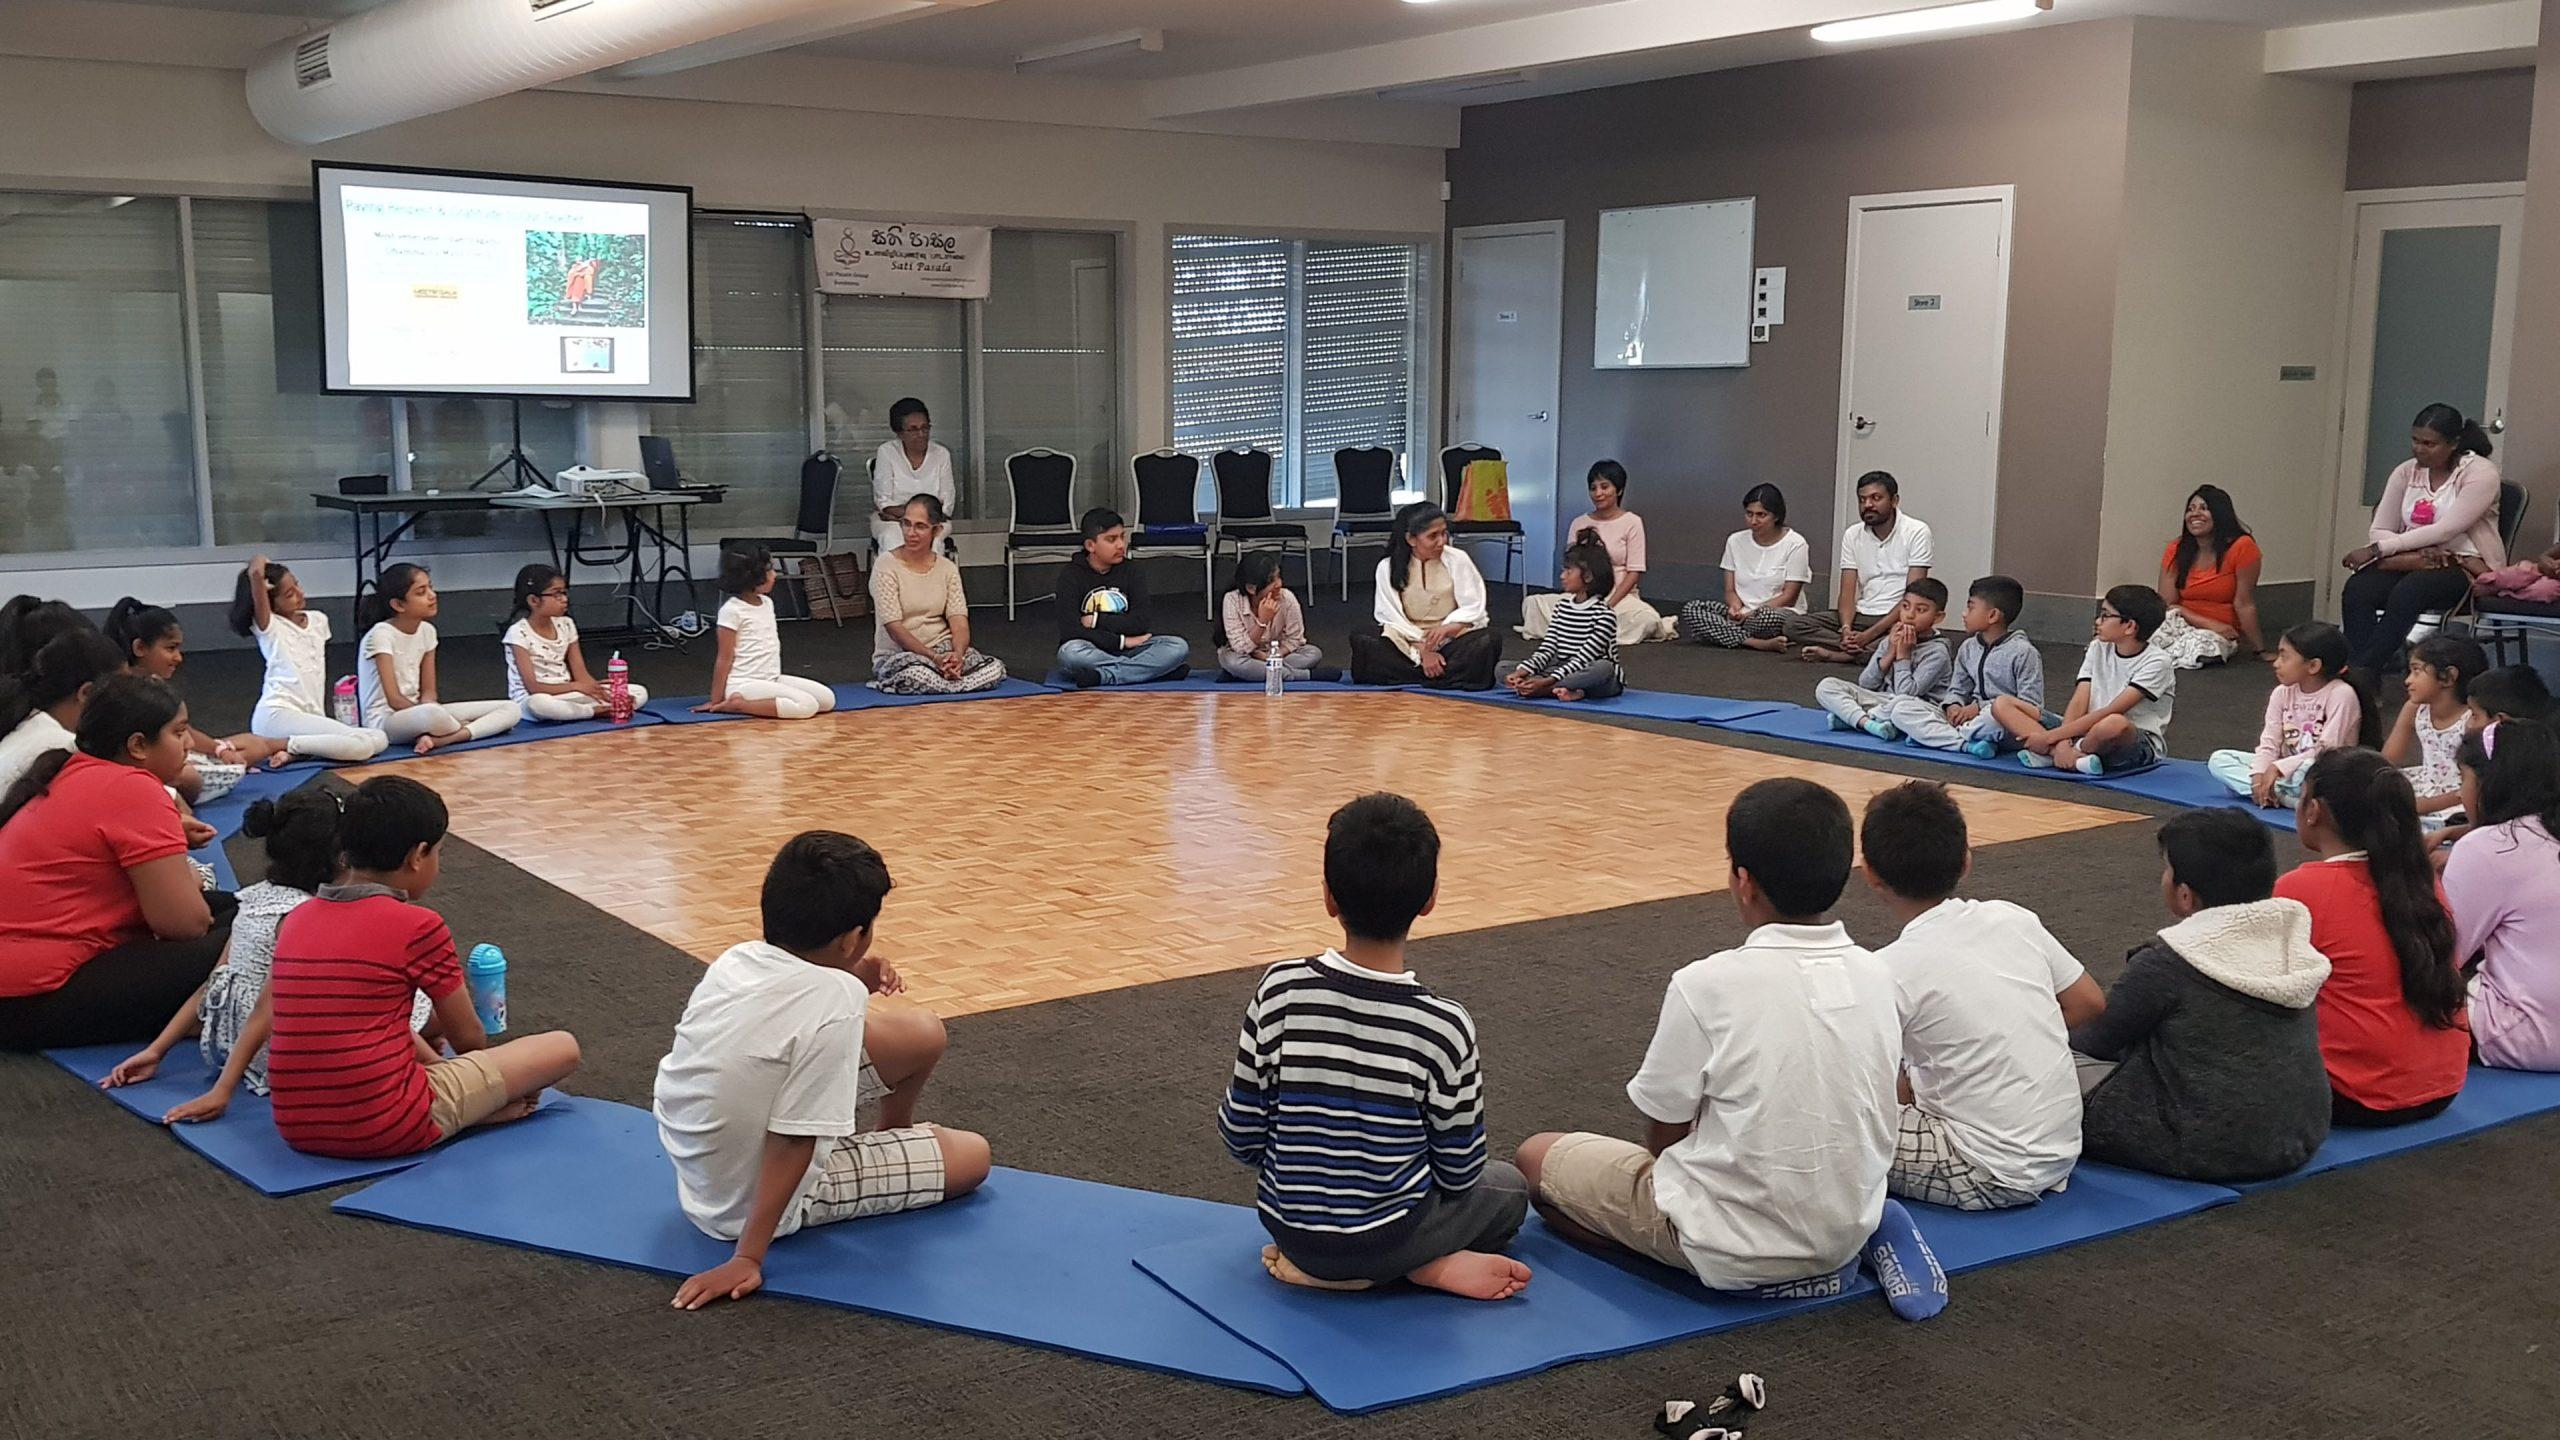 Sati Pasala Bundoora, Australia – March 2020